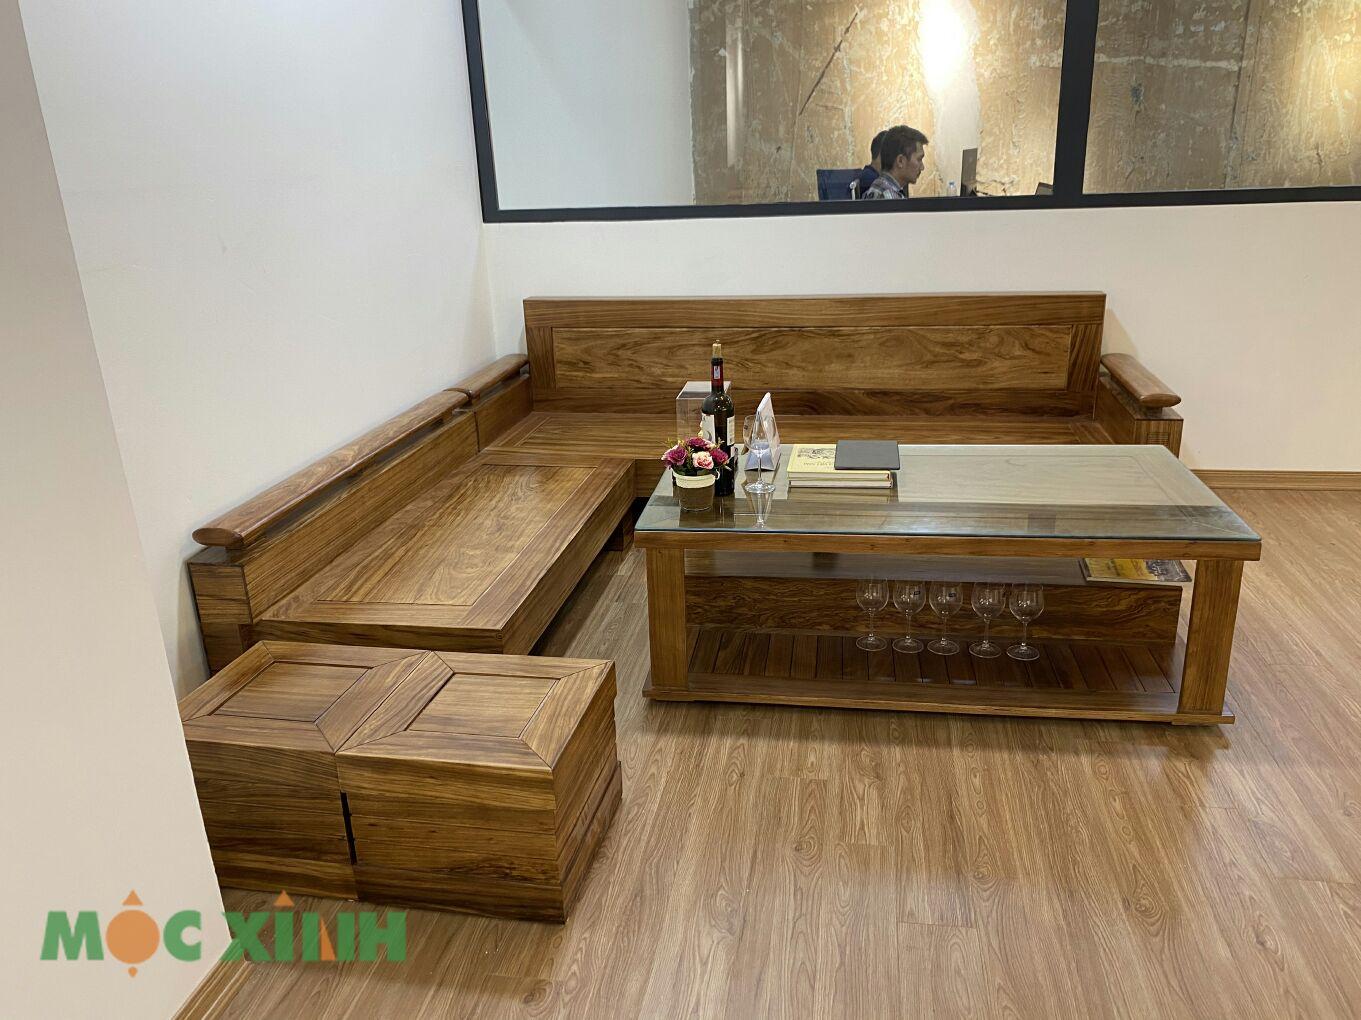 Bộ bàn ghế gỗ hương có 2 ghế đôn có thể di dời